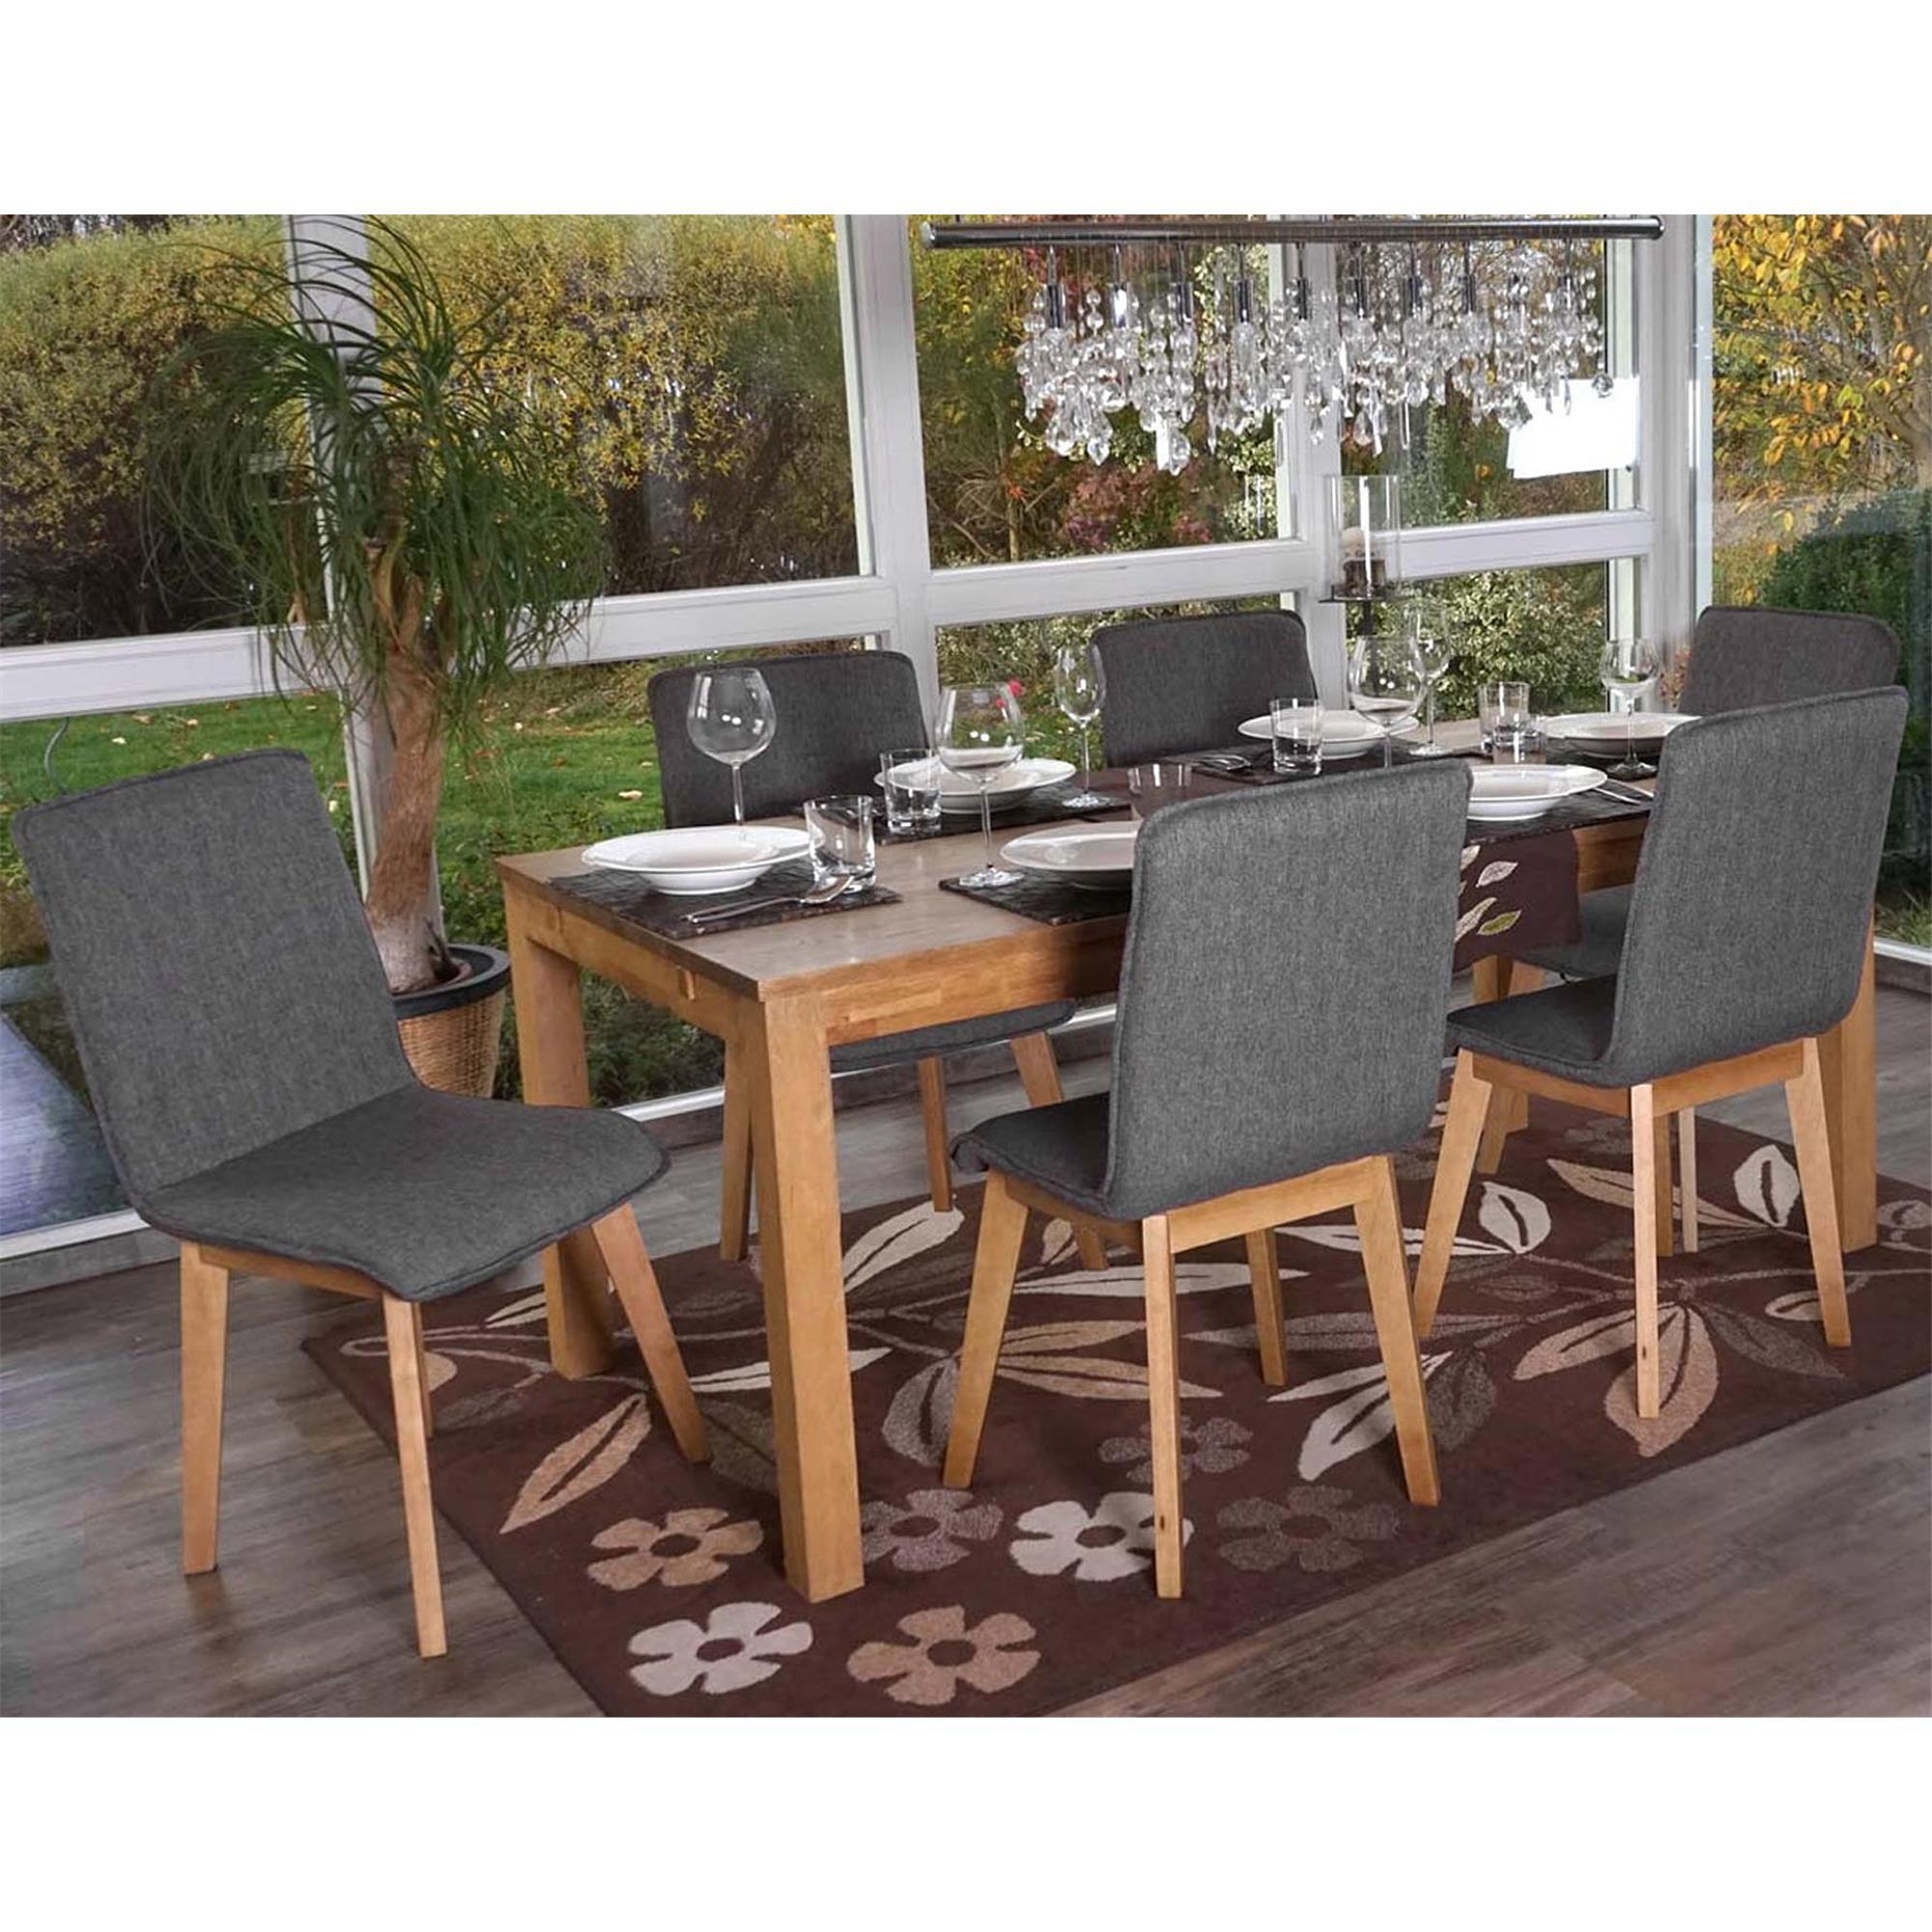 Lote 4 sillas de cocina o comedor ford en tela gris - Patas para muebles de cocina ...